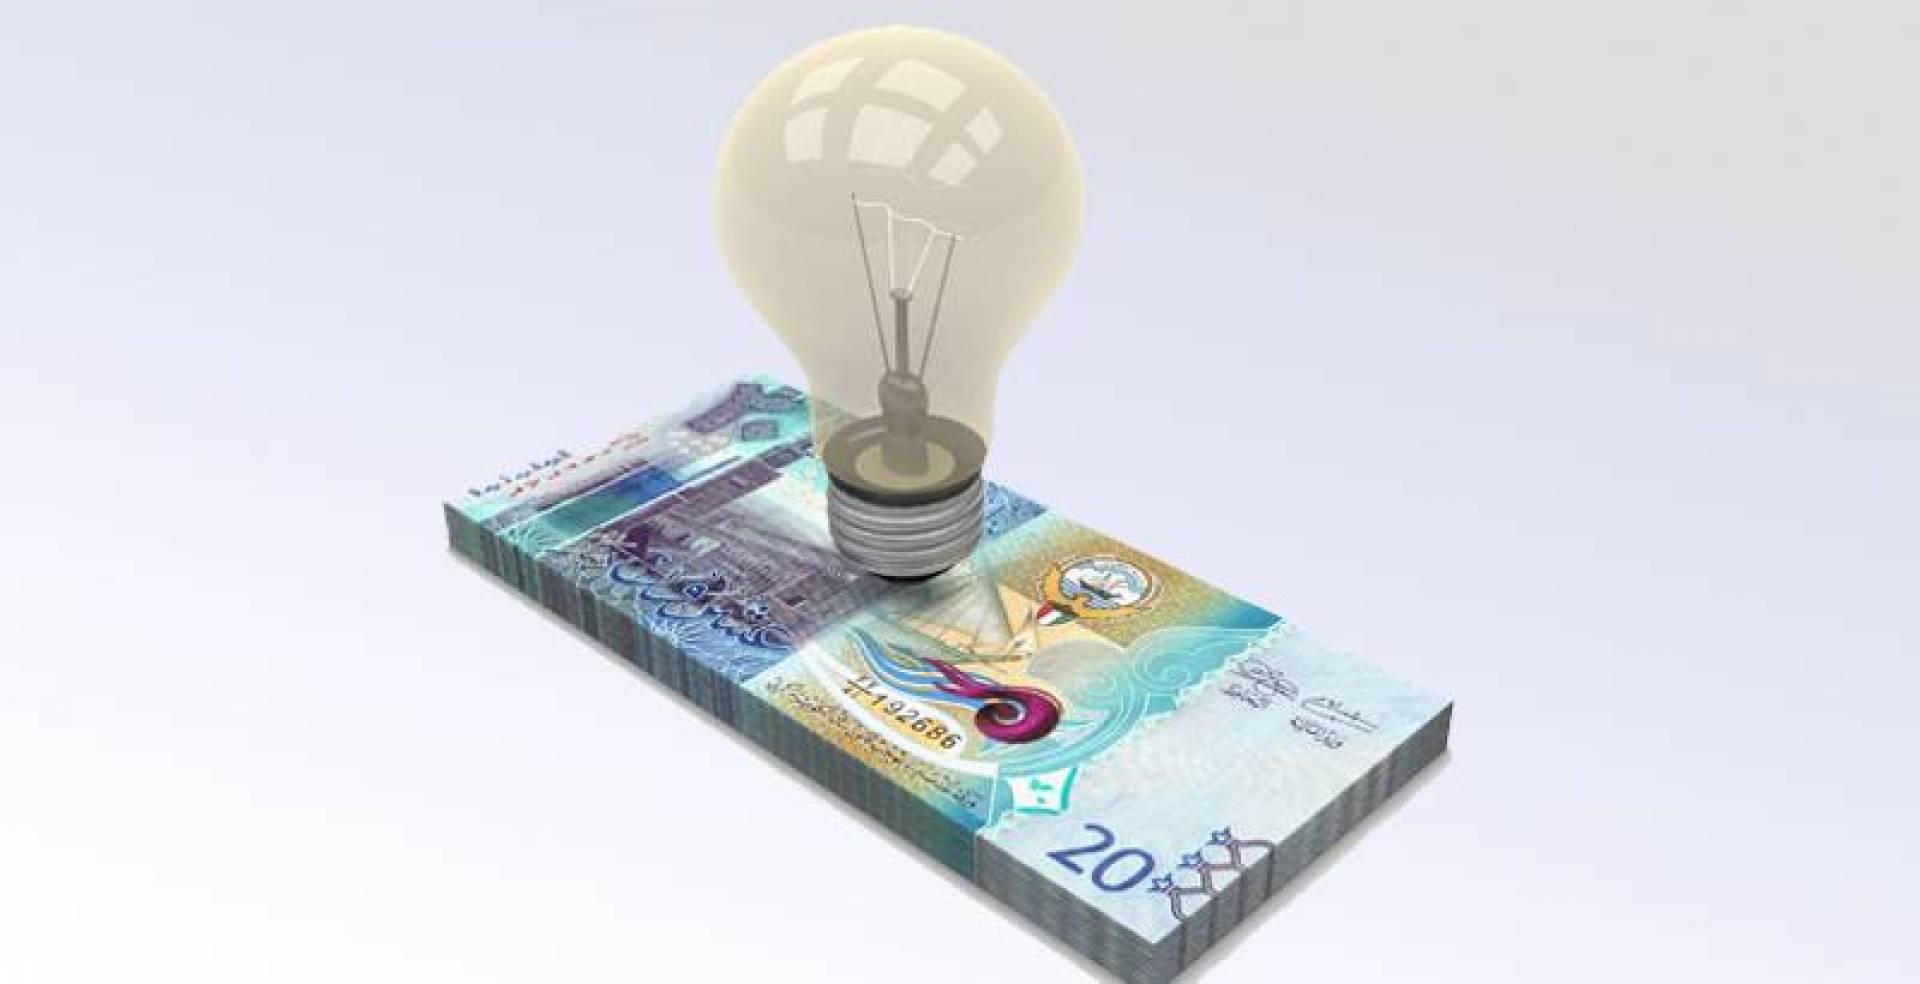 «الكهرباء»: ضياع 10.6 ملايين دينار